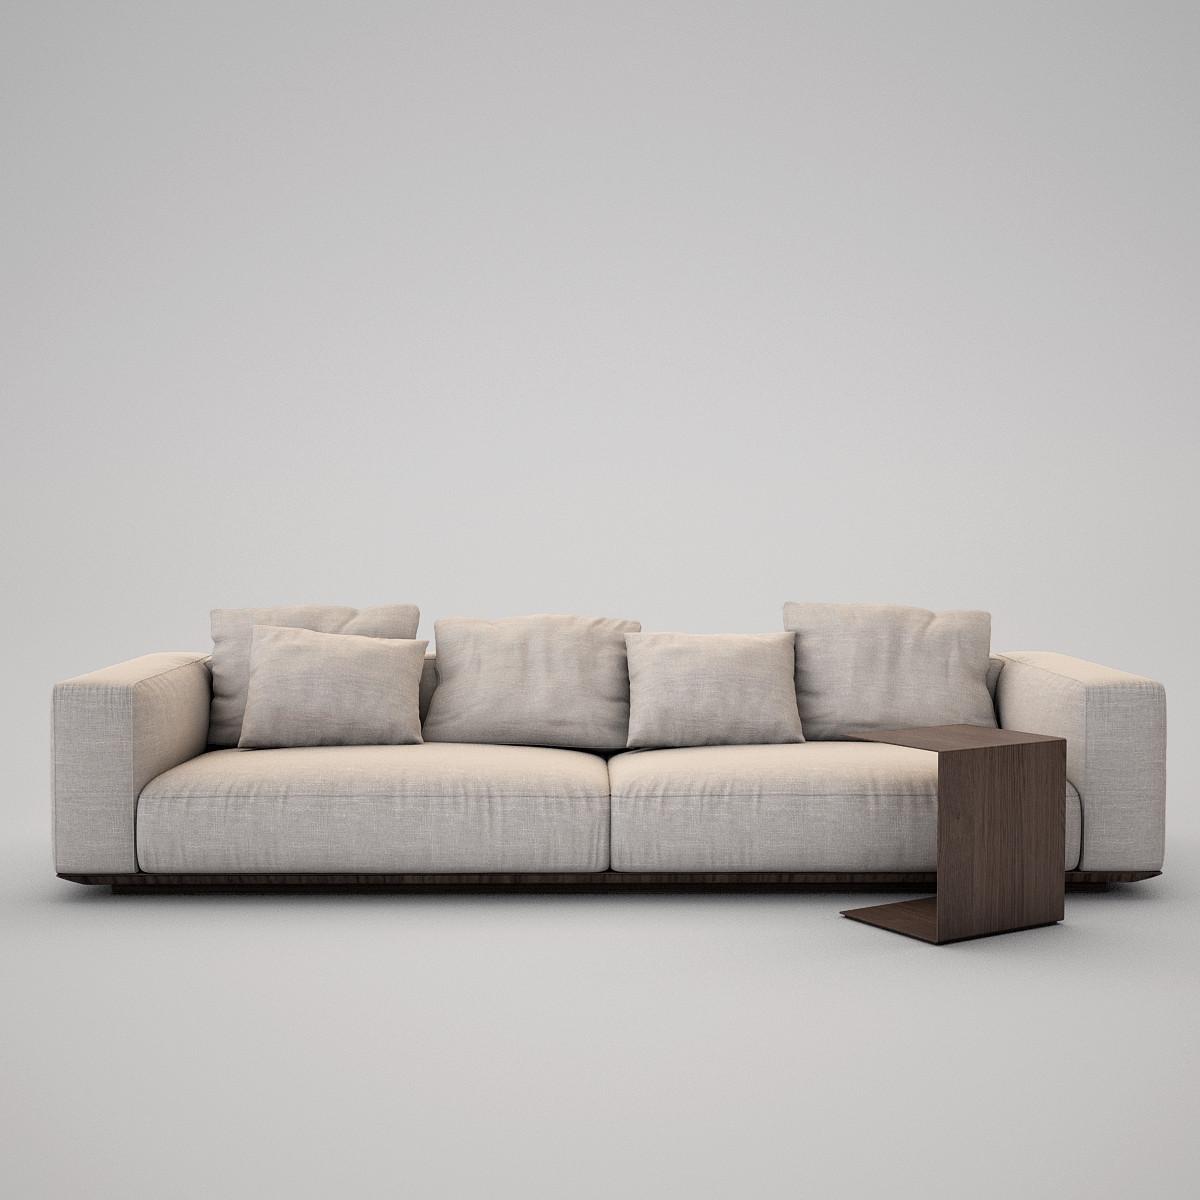 Remarkable Modern Sofa Set 3D Model Best Of 3D Models Inzonedesignstudio Interior Chair Design Inzonedesignstudiocom